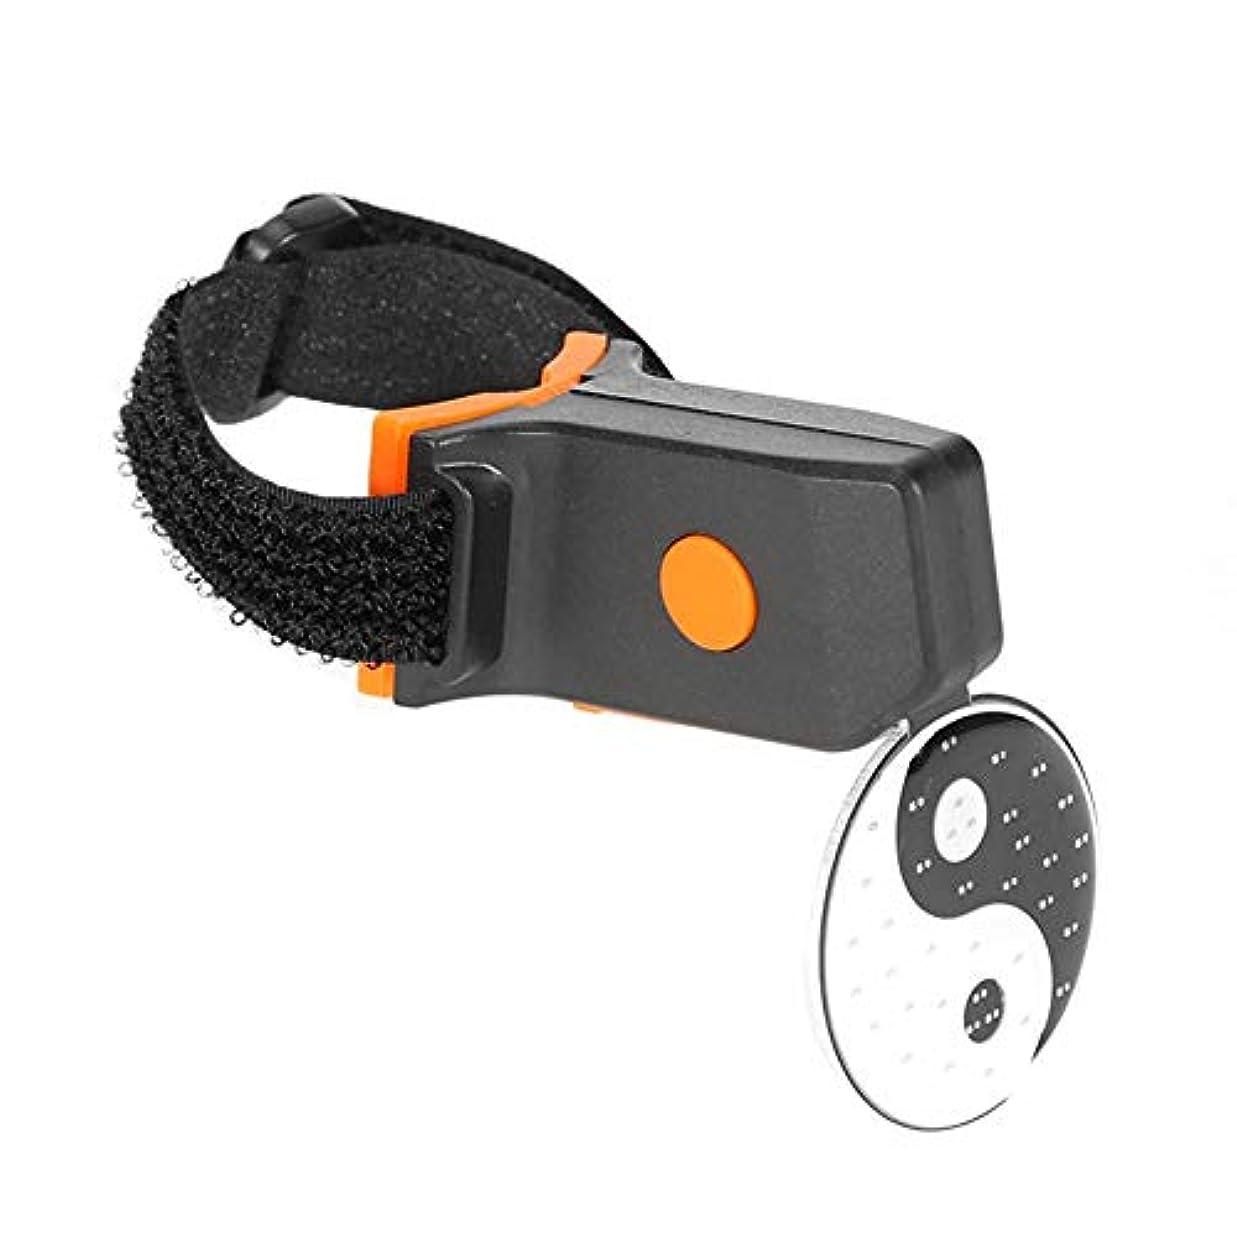 ポルノアウター嫉妬Runcircle 自転車テールライト リアライト セーフティーライト 自転車ライト USB充電式 クリエイティブ 高輝度 警告灯 防水 夜間走行 視認性 簡単装着